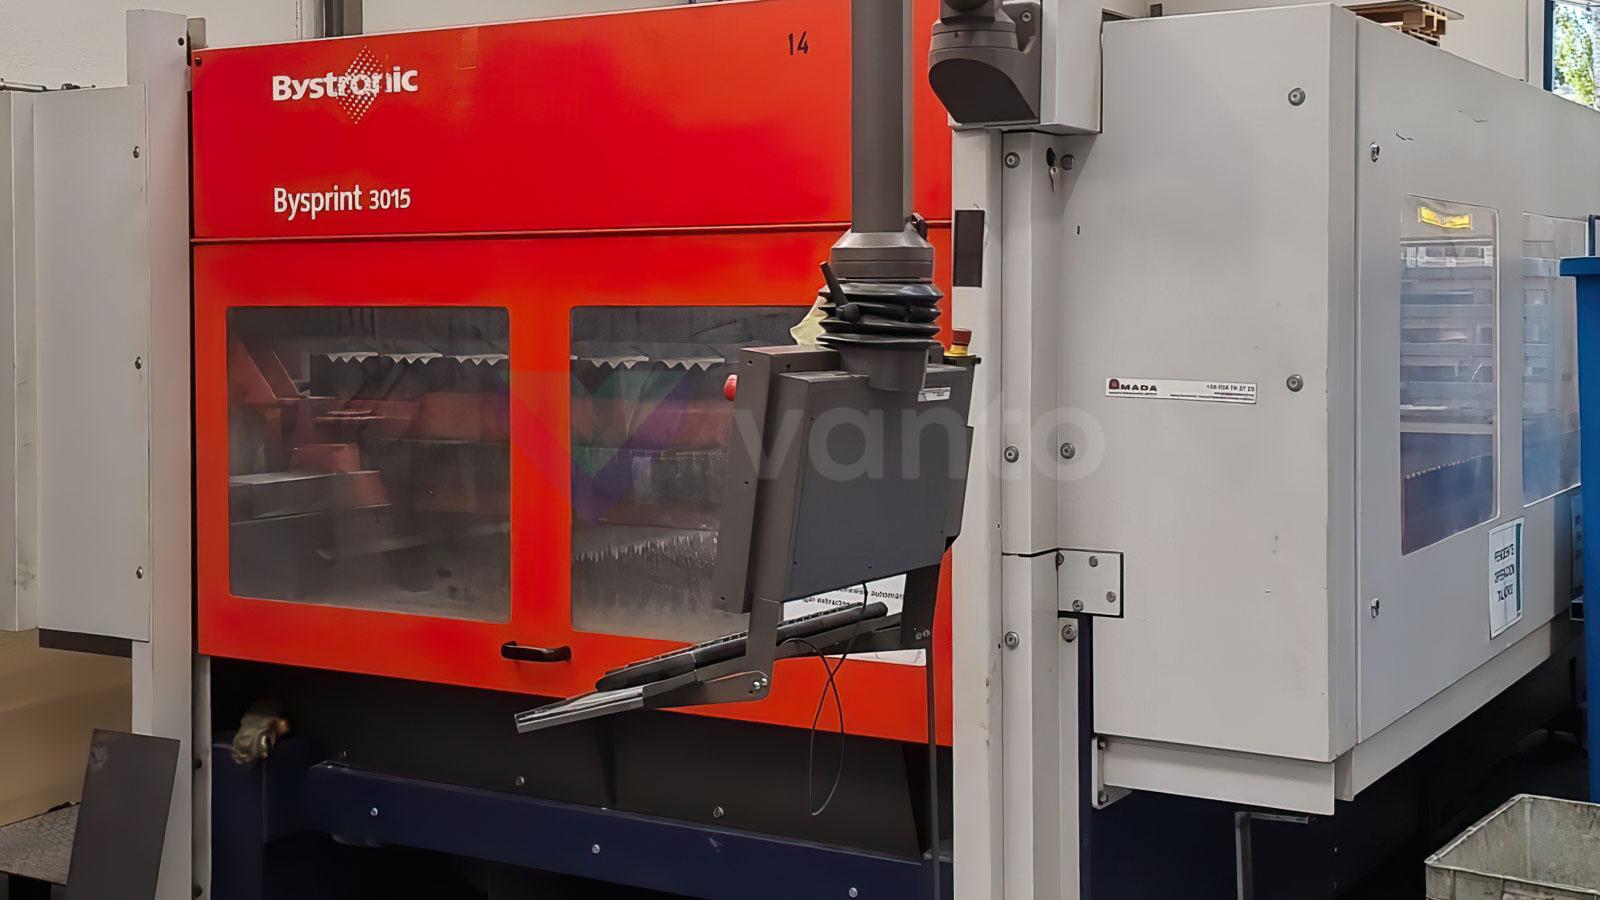 BYSTRONIC BYSPRINT 3015 Laser cutting machine (CO2) (2007) id10575